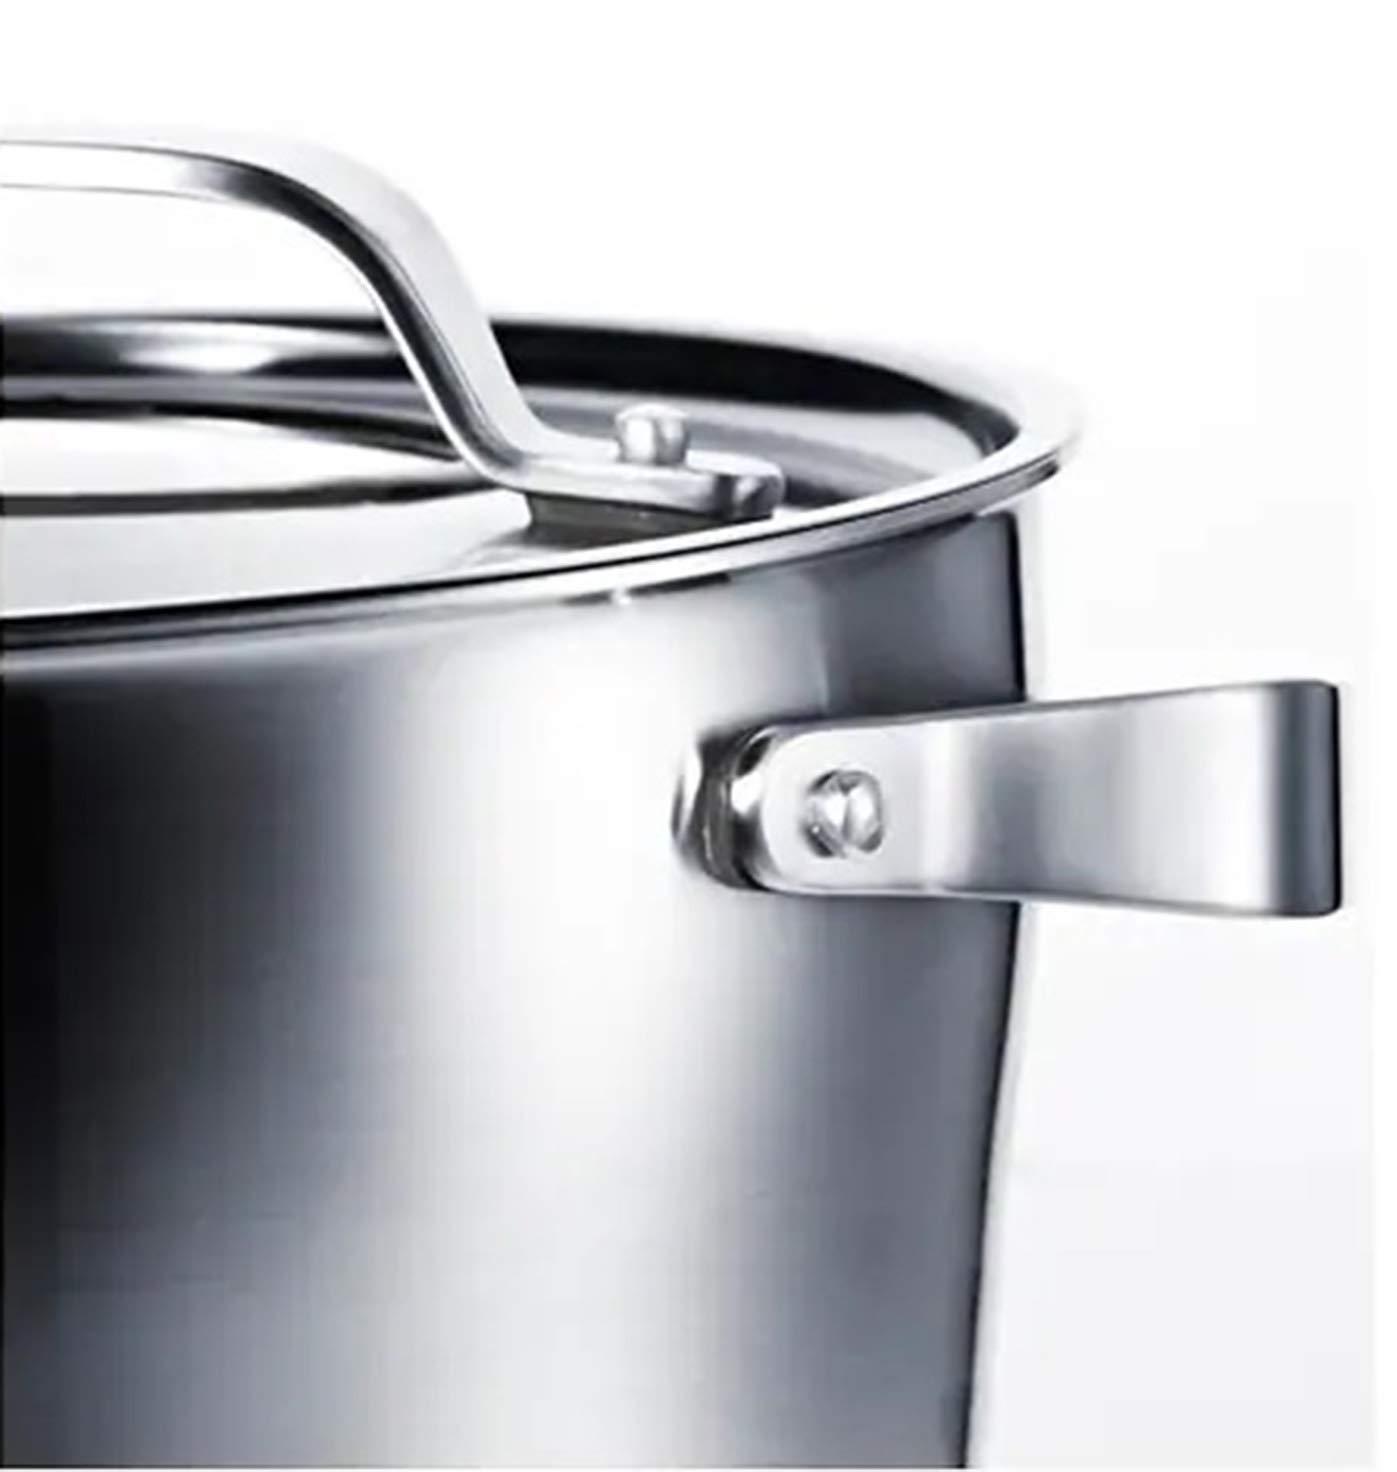 Olla con tapa de acero inoxidable y gris, 5,5 litros, apta ...